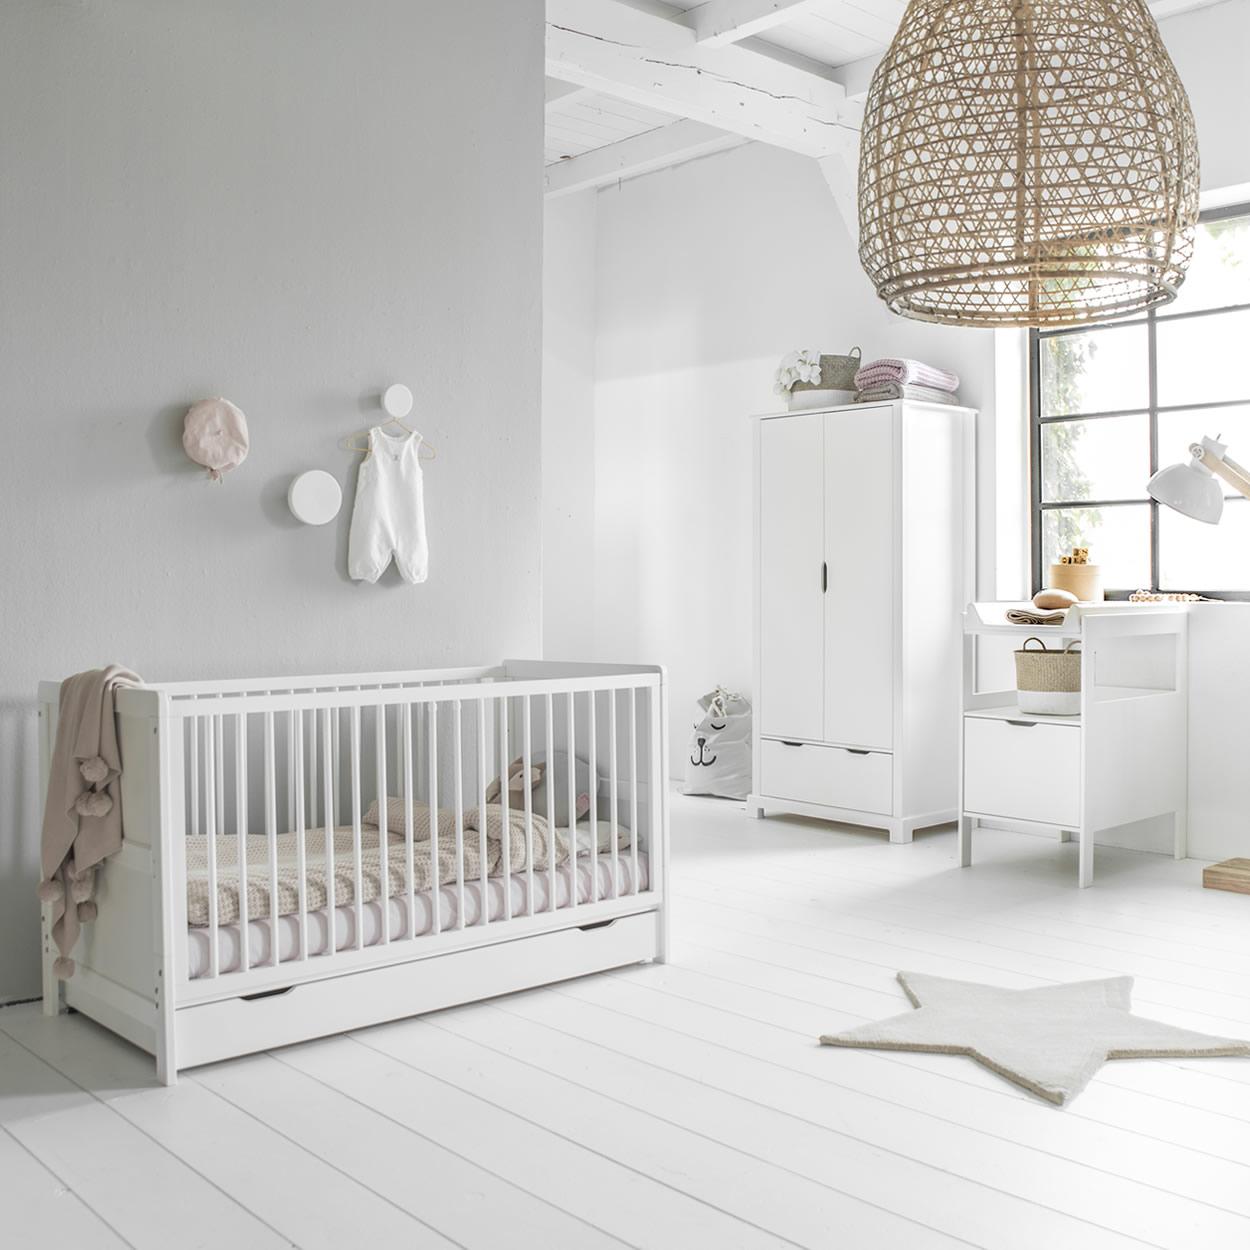 Découvrez notre chambre bébé Vintage